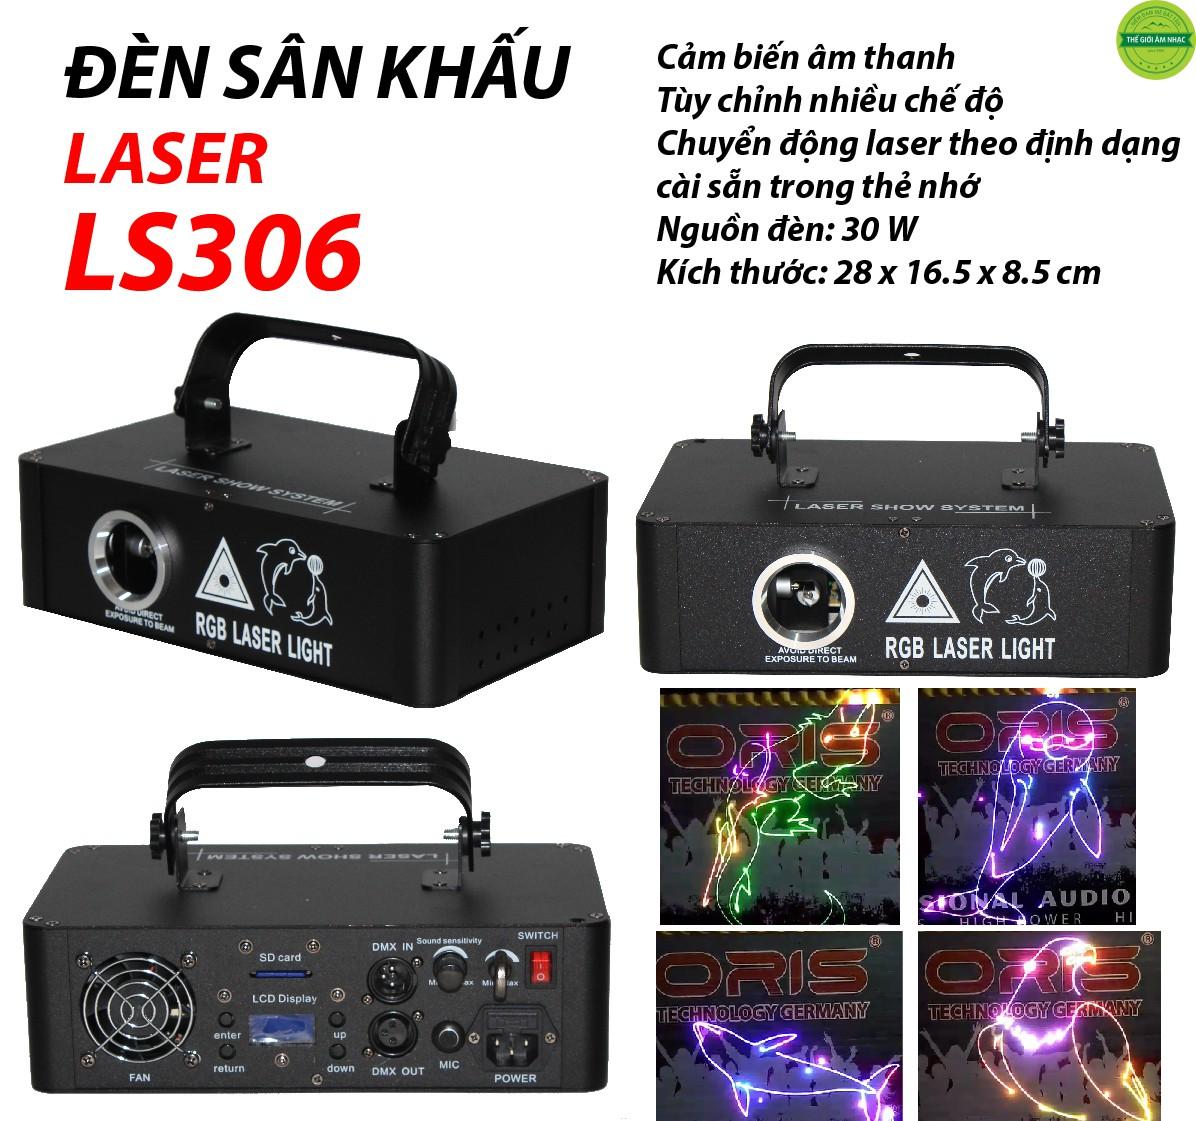 LASER SÂN KHẤU LS 306